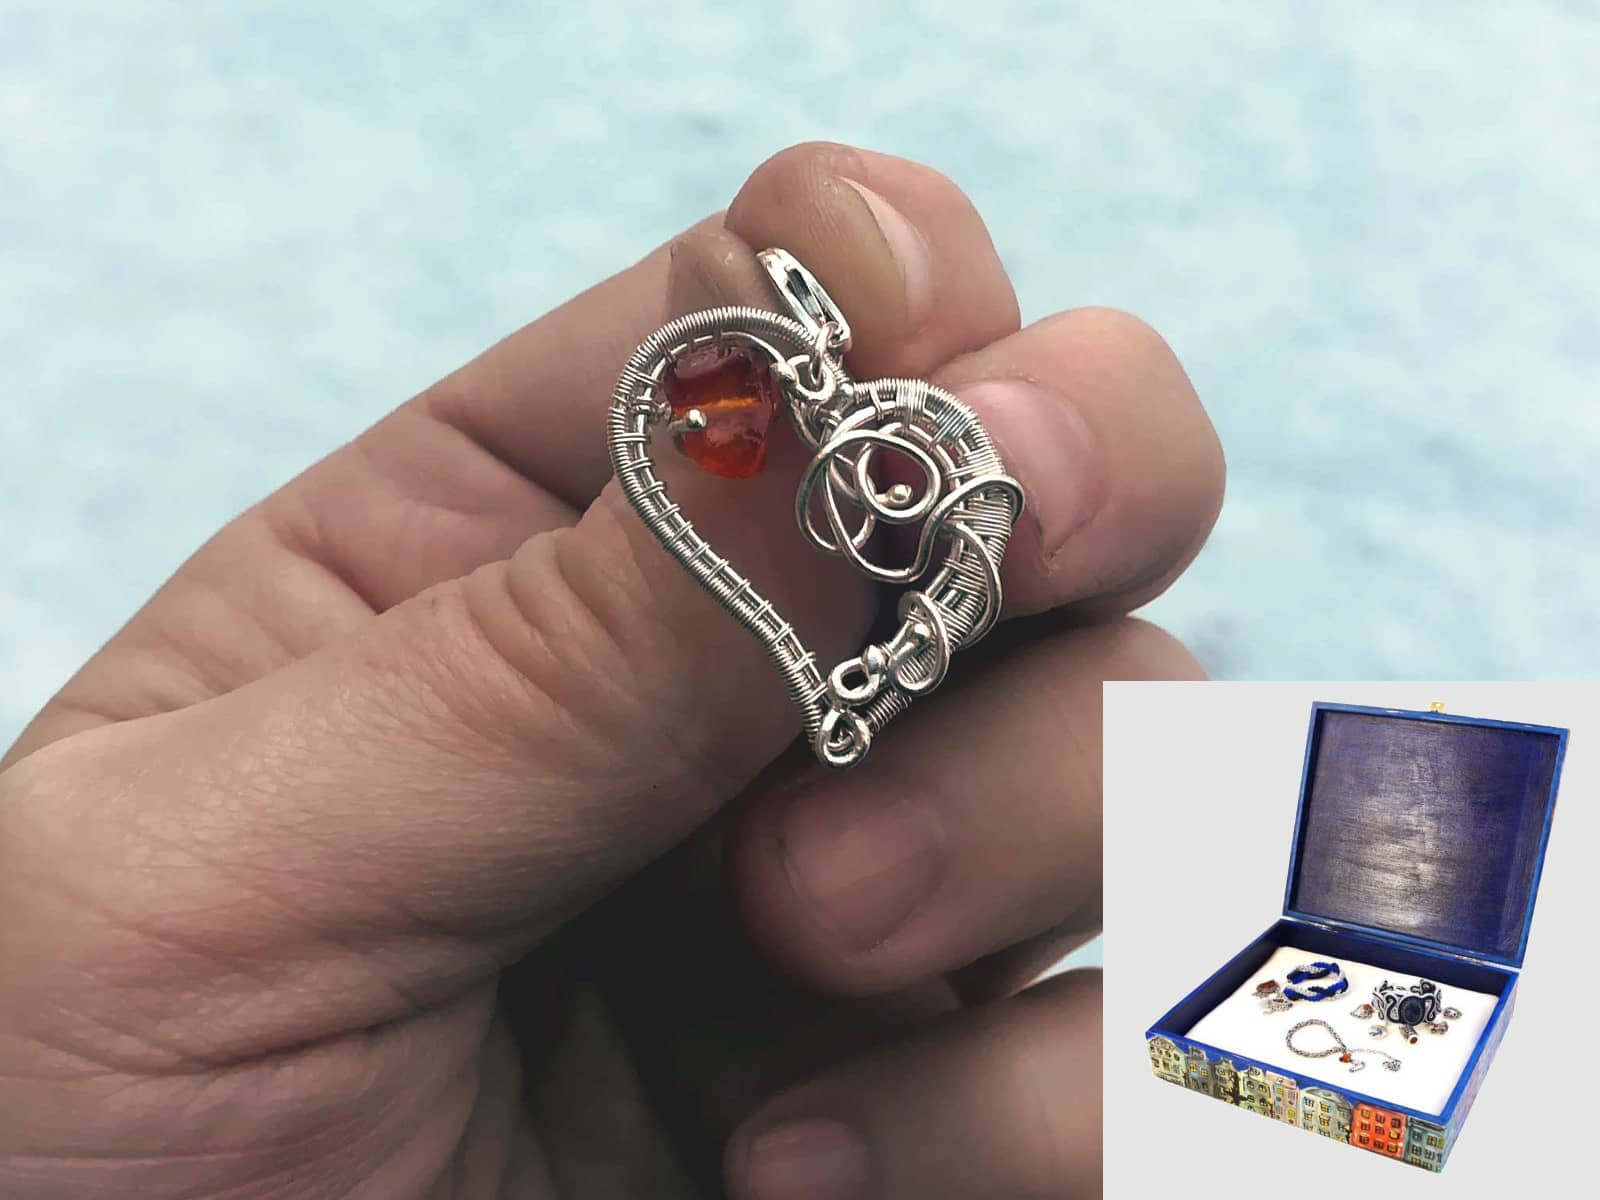 Srebrny charms do bransoletki - serduszko wire wrapping z bursztynkiem